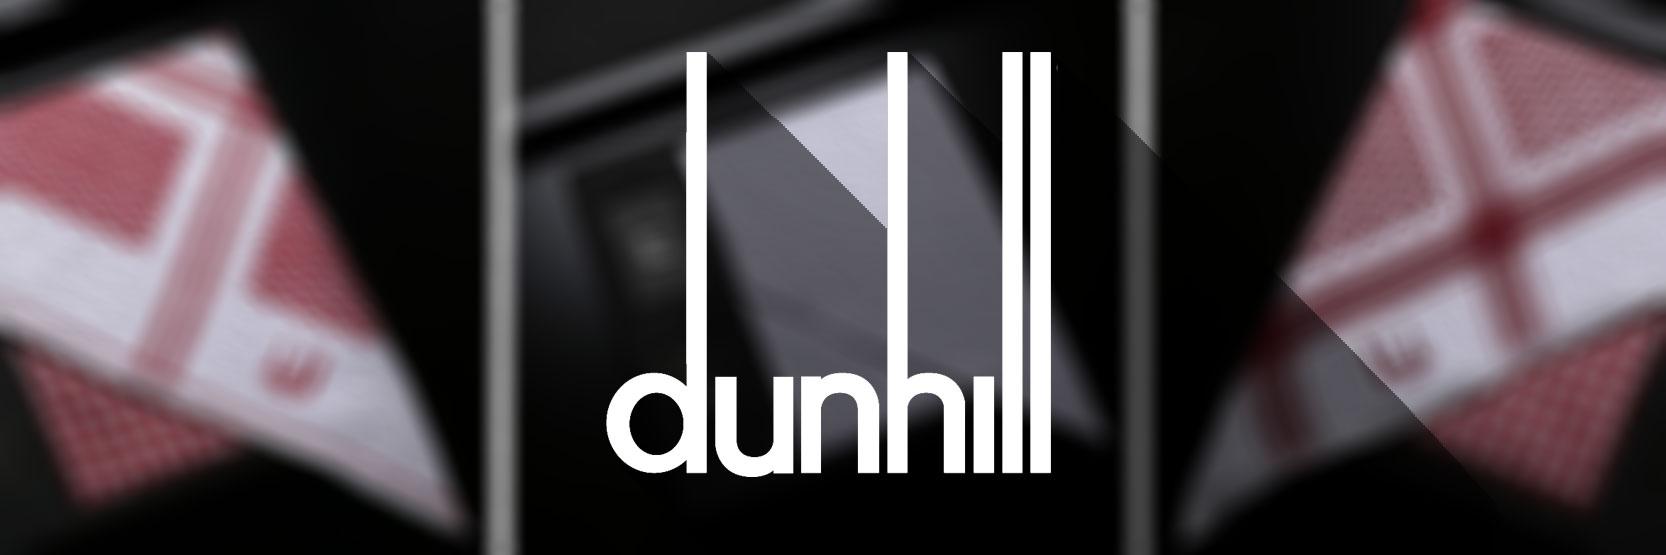 متجر مستقل جديد لعلامة dunhill في دبي مول